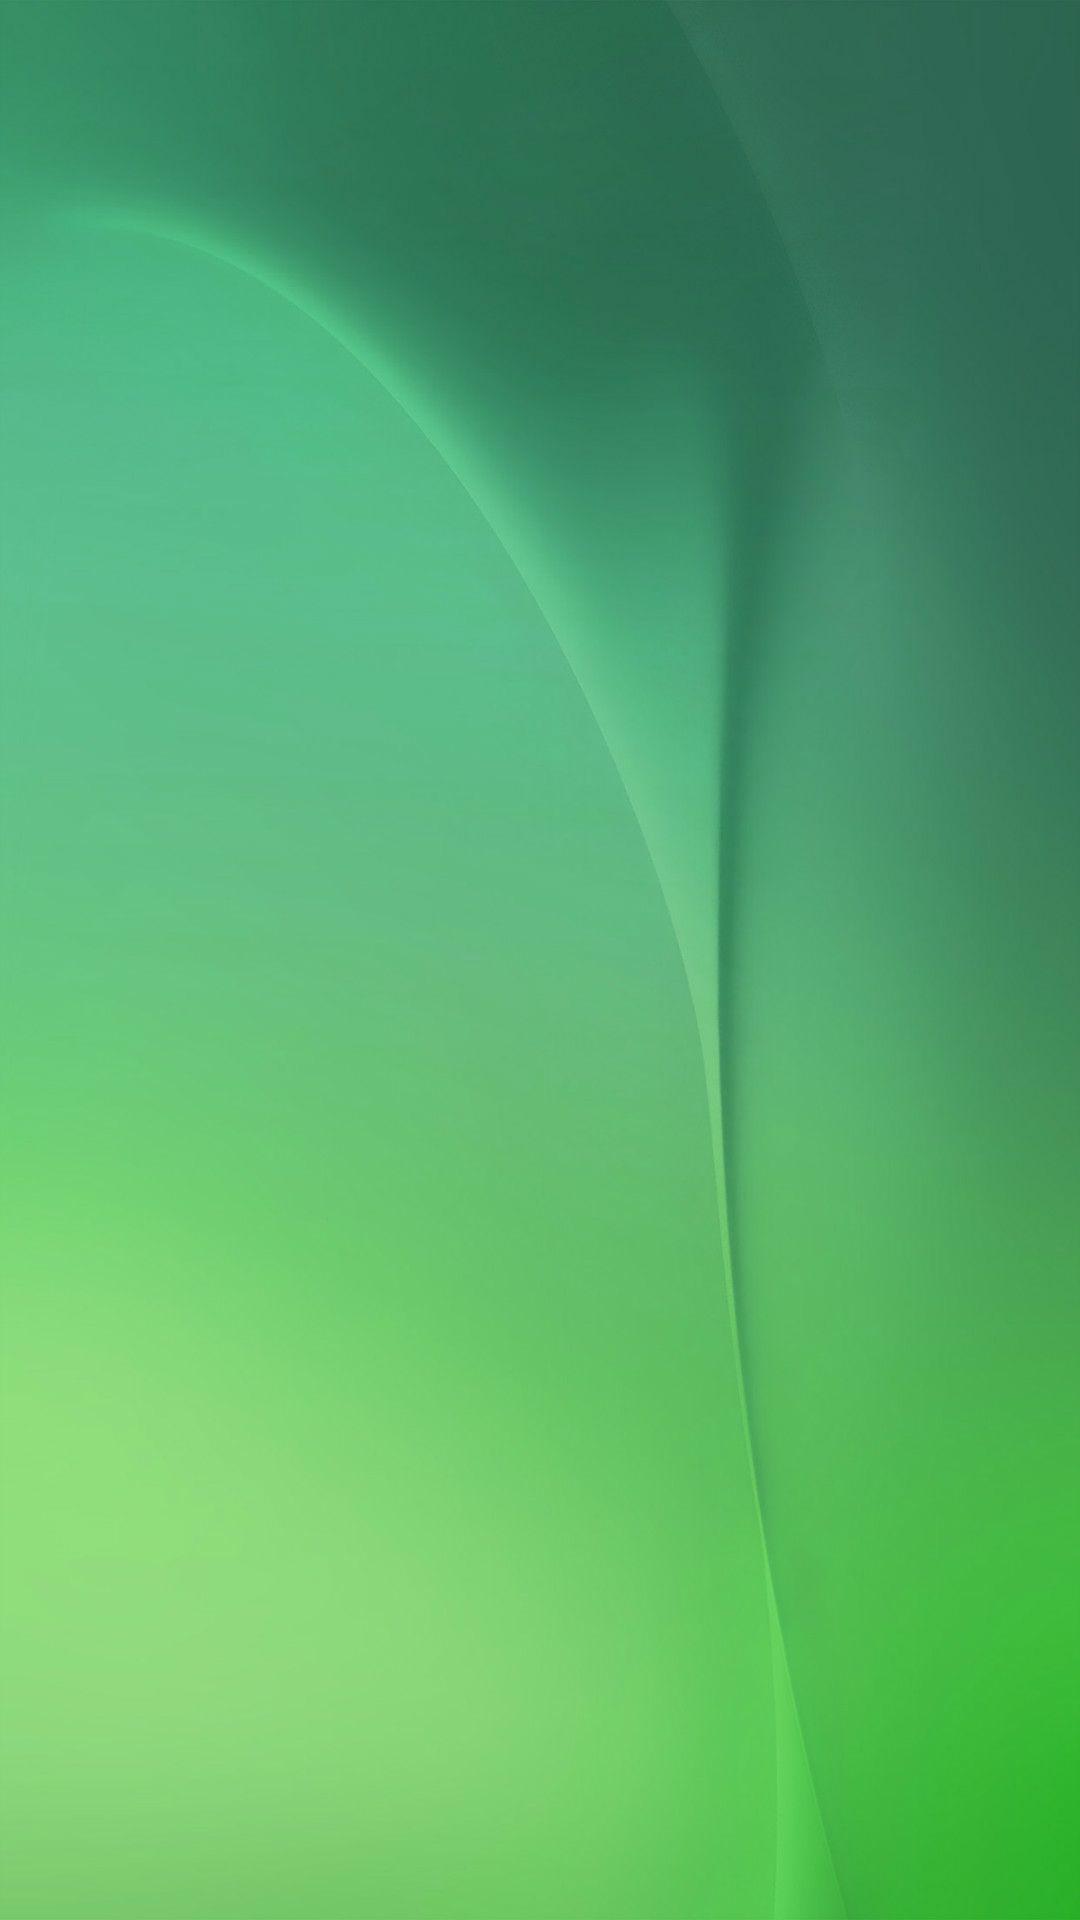 Deep Ocean Abstract Digital Soft Green Pattern iPhone 6